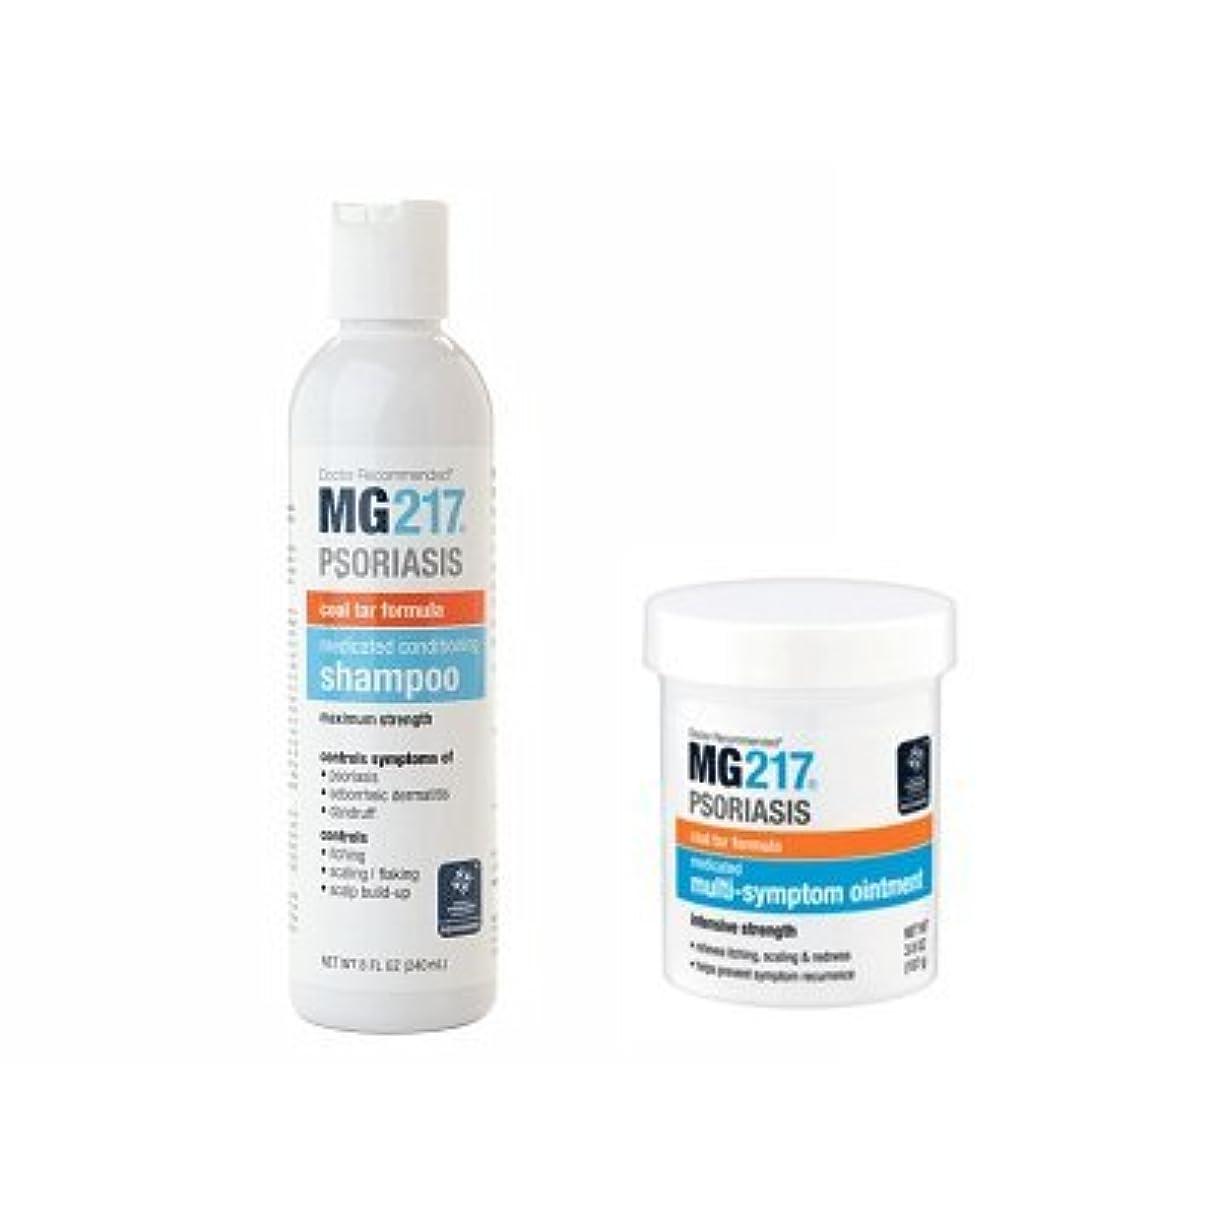 噴水辞書ぞっとするようなMG217 シャンプー&軟膏セット 240ml/107ml Psoriasis Medicated Conditioning Shampoo,Ointment set 海外直送品